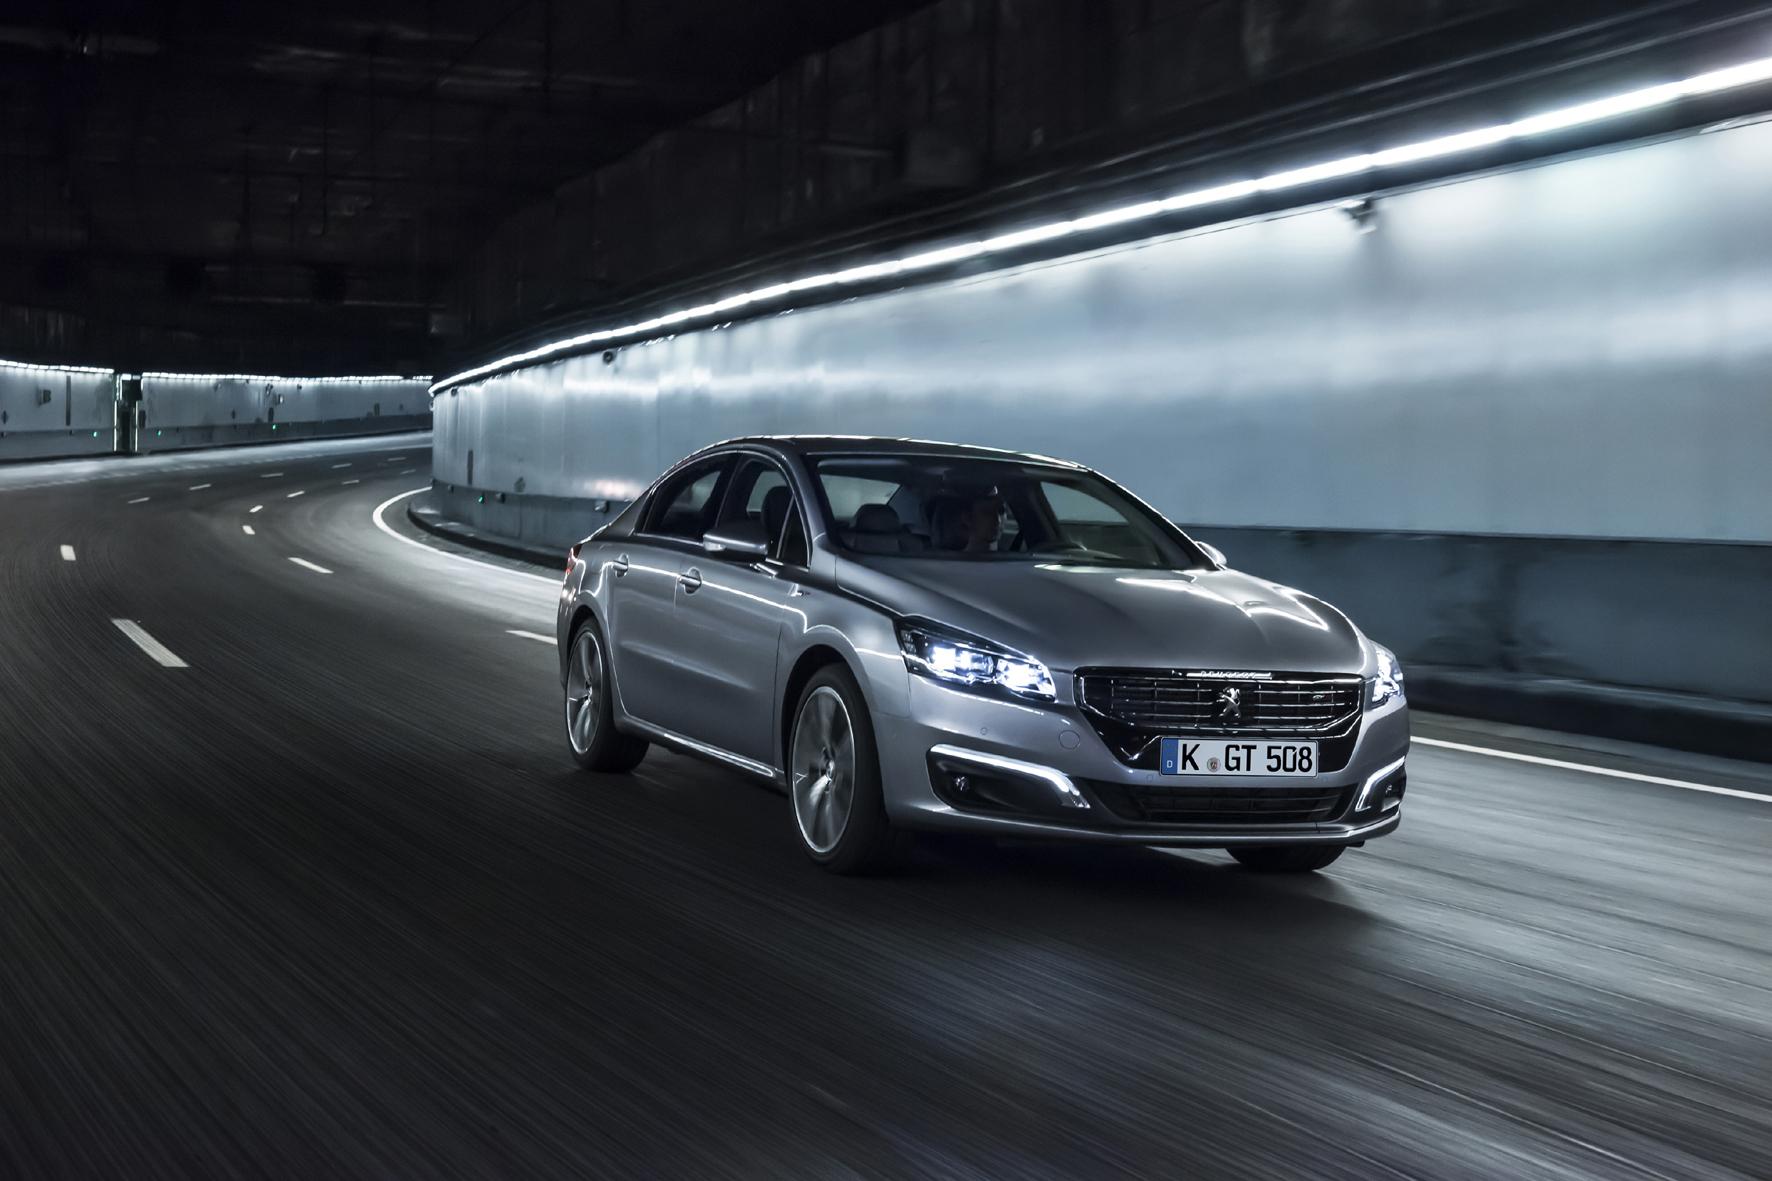 mid Düsseldorf - Der Peugeot 508 tritt nach der Modellpflege mit neuem Kühlergrill und geänderten Scheinwerfern in der oberen Mitteklasse an.